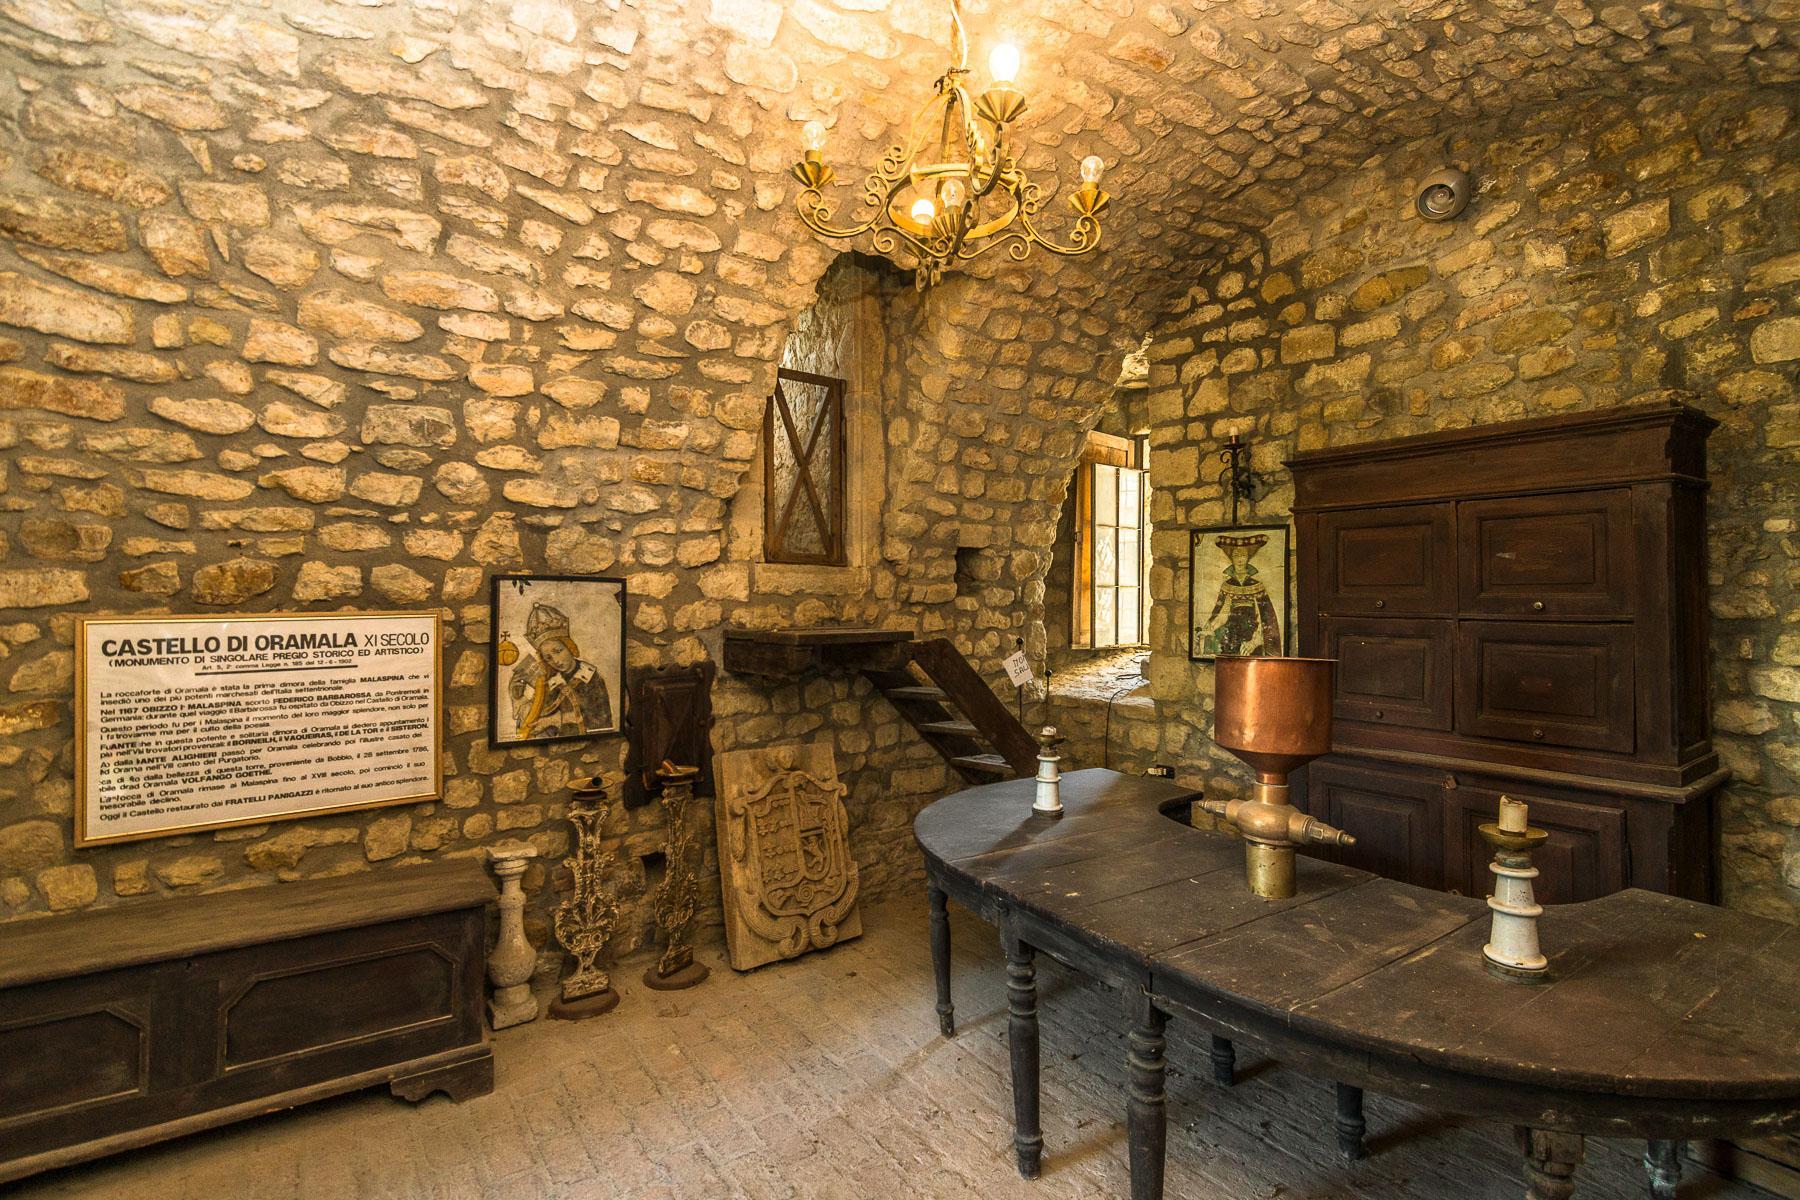 雄伟的Ormala城堡 - 9